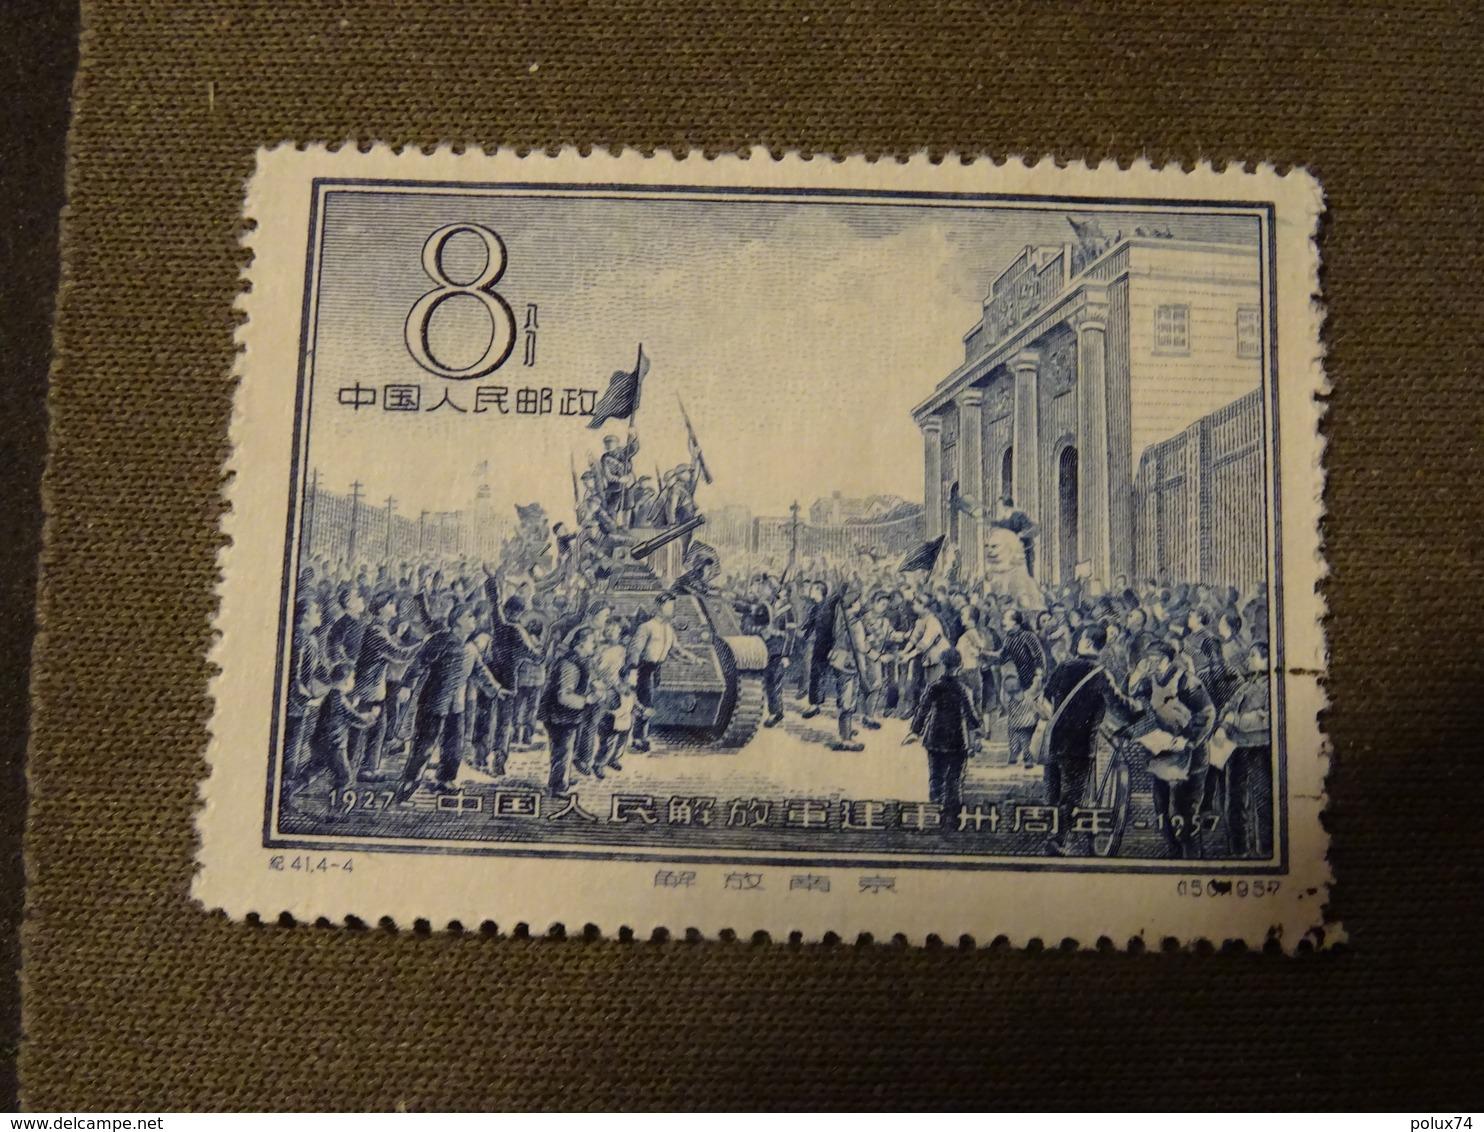 CHINE RP 1957 Timbre Oblitere - Oblitérés